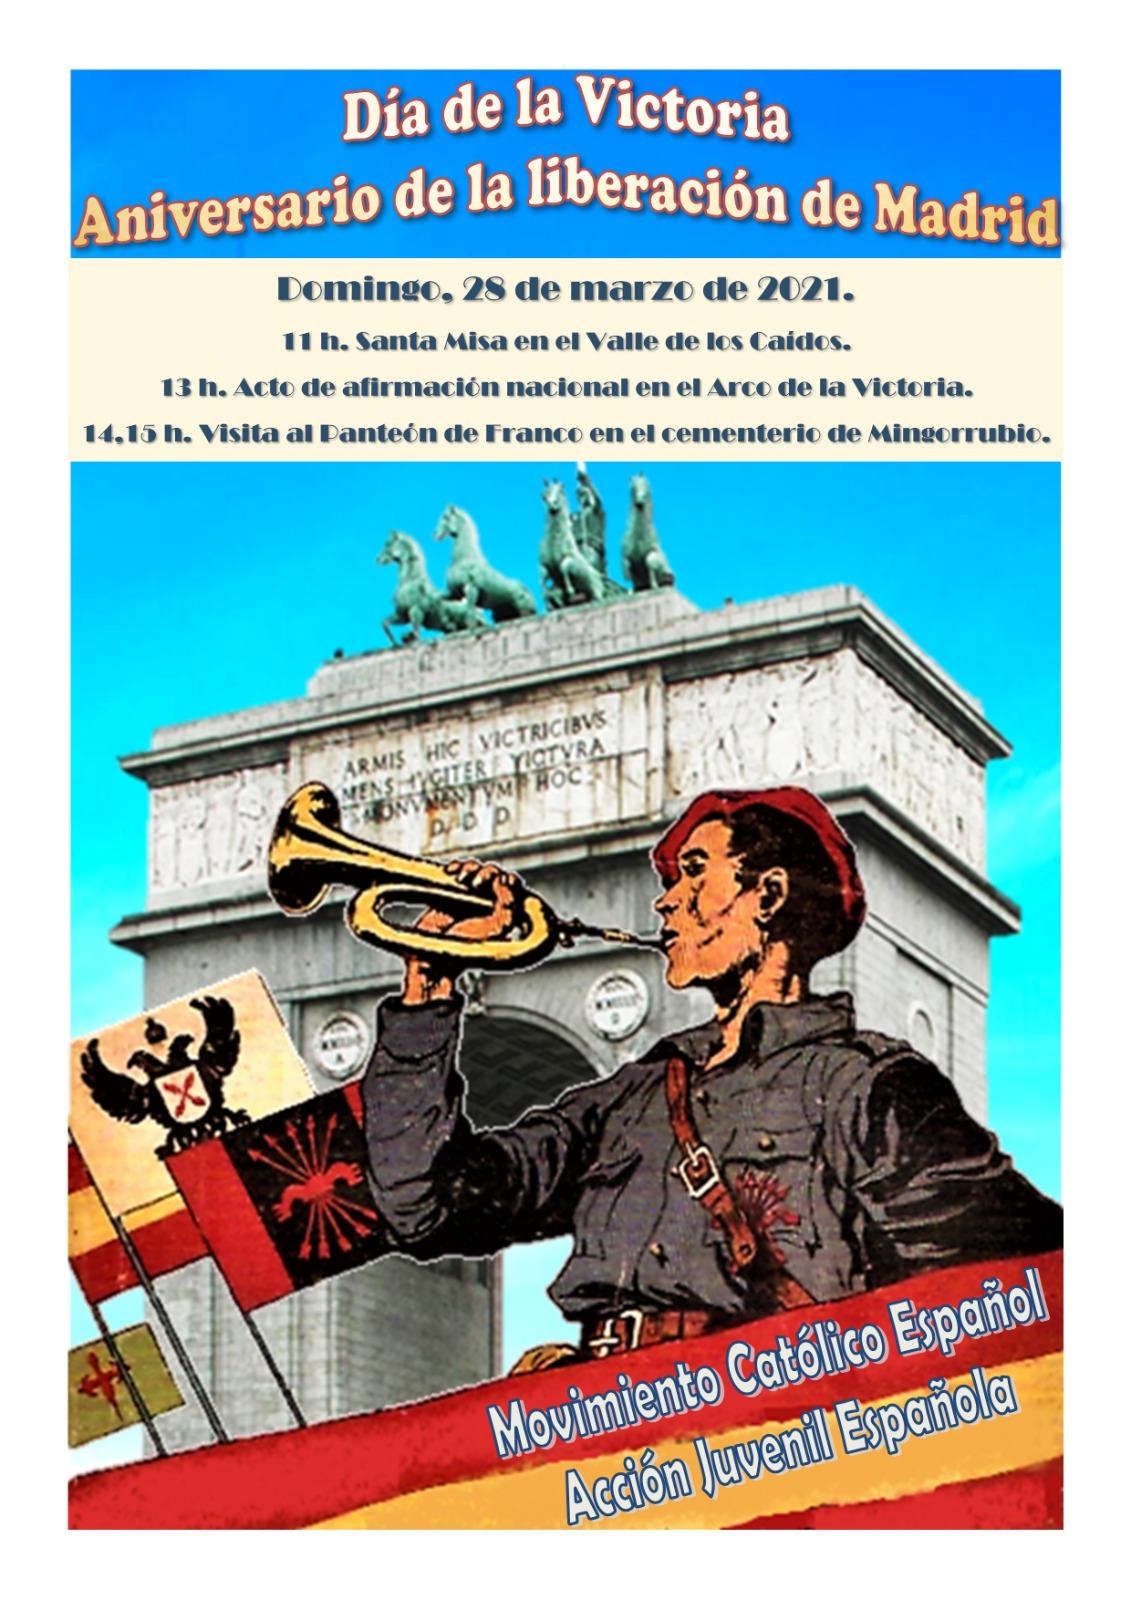 Franquistas celebrarán este domingo una marcha por Madrid para enaltecer la dictadura